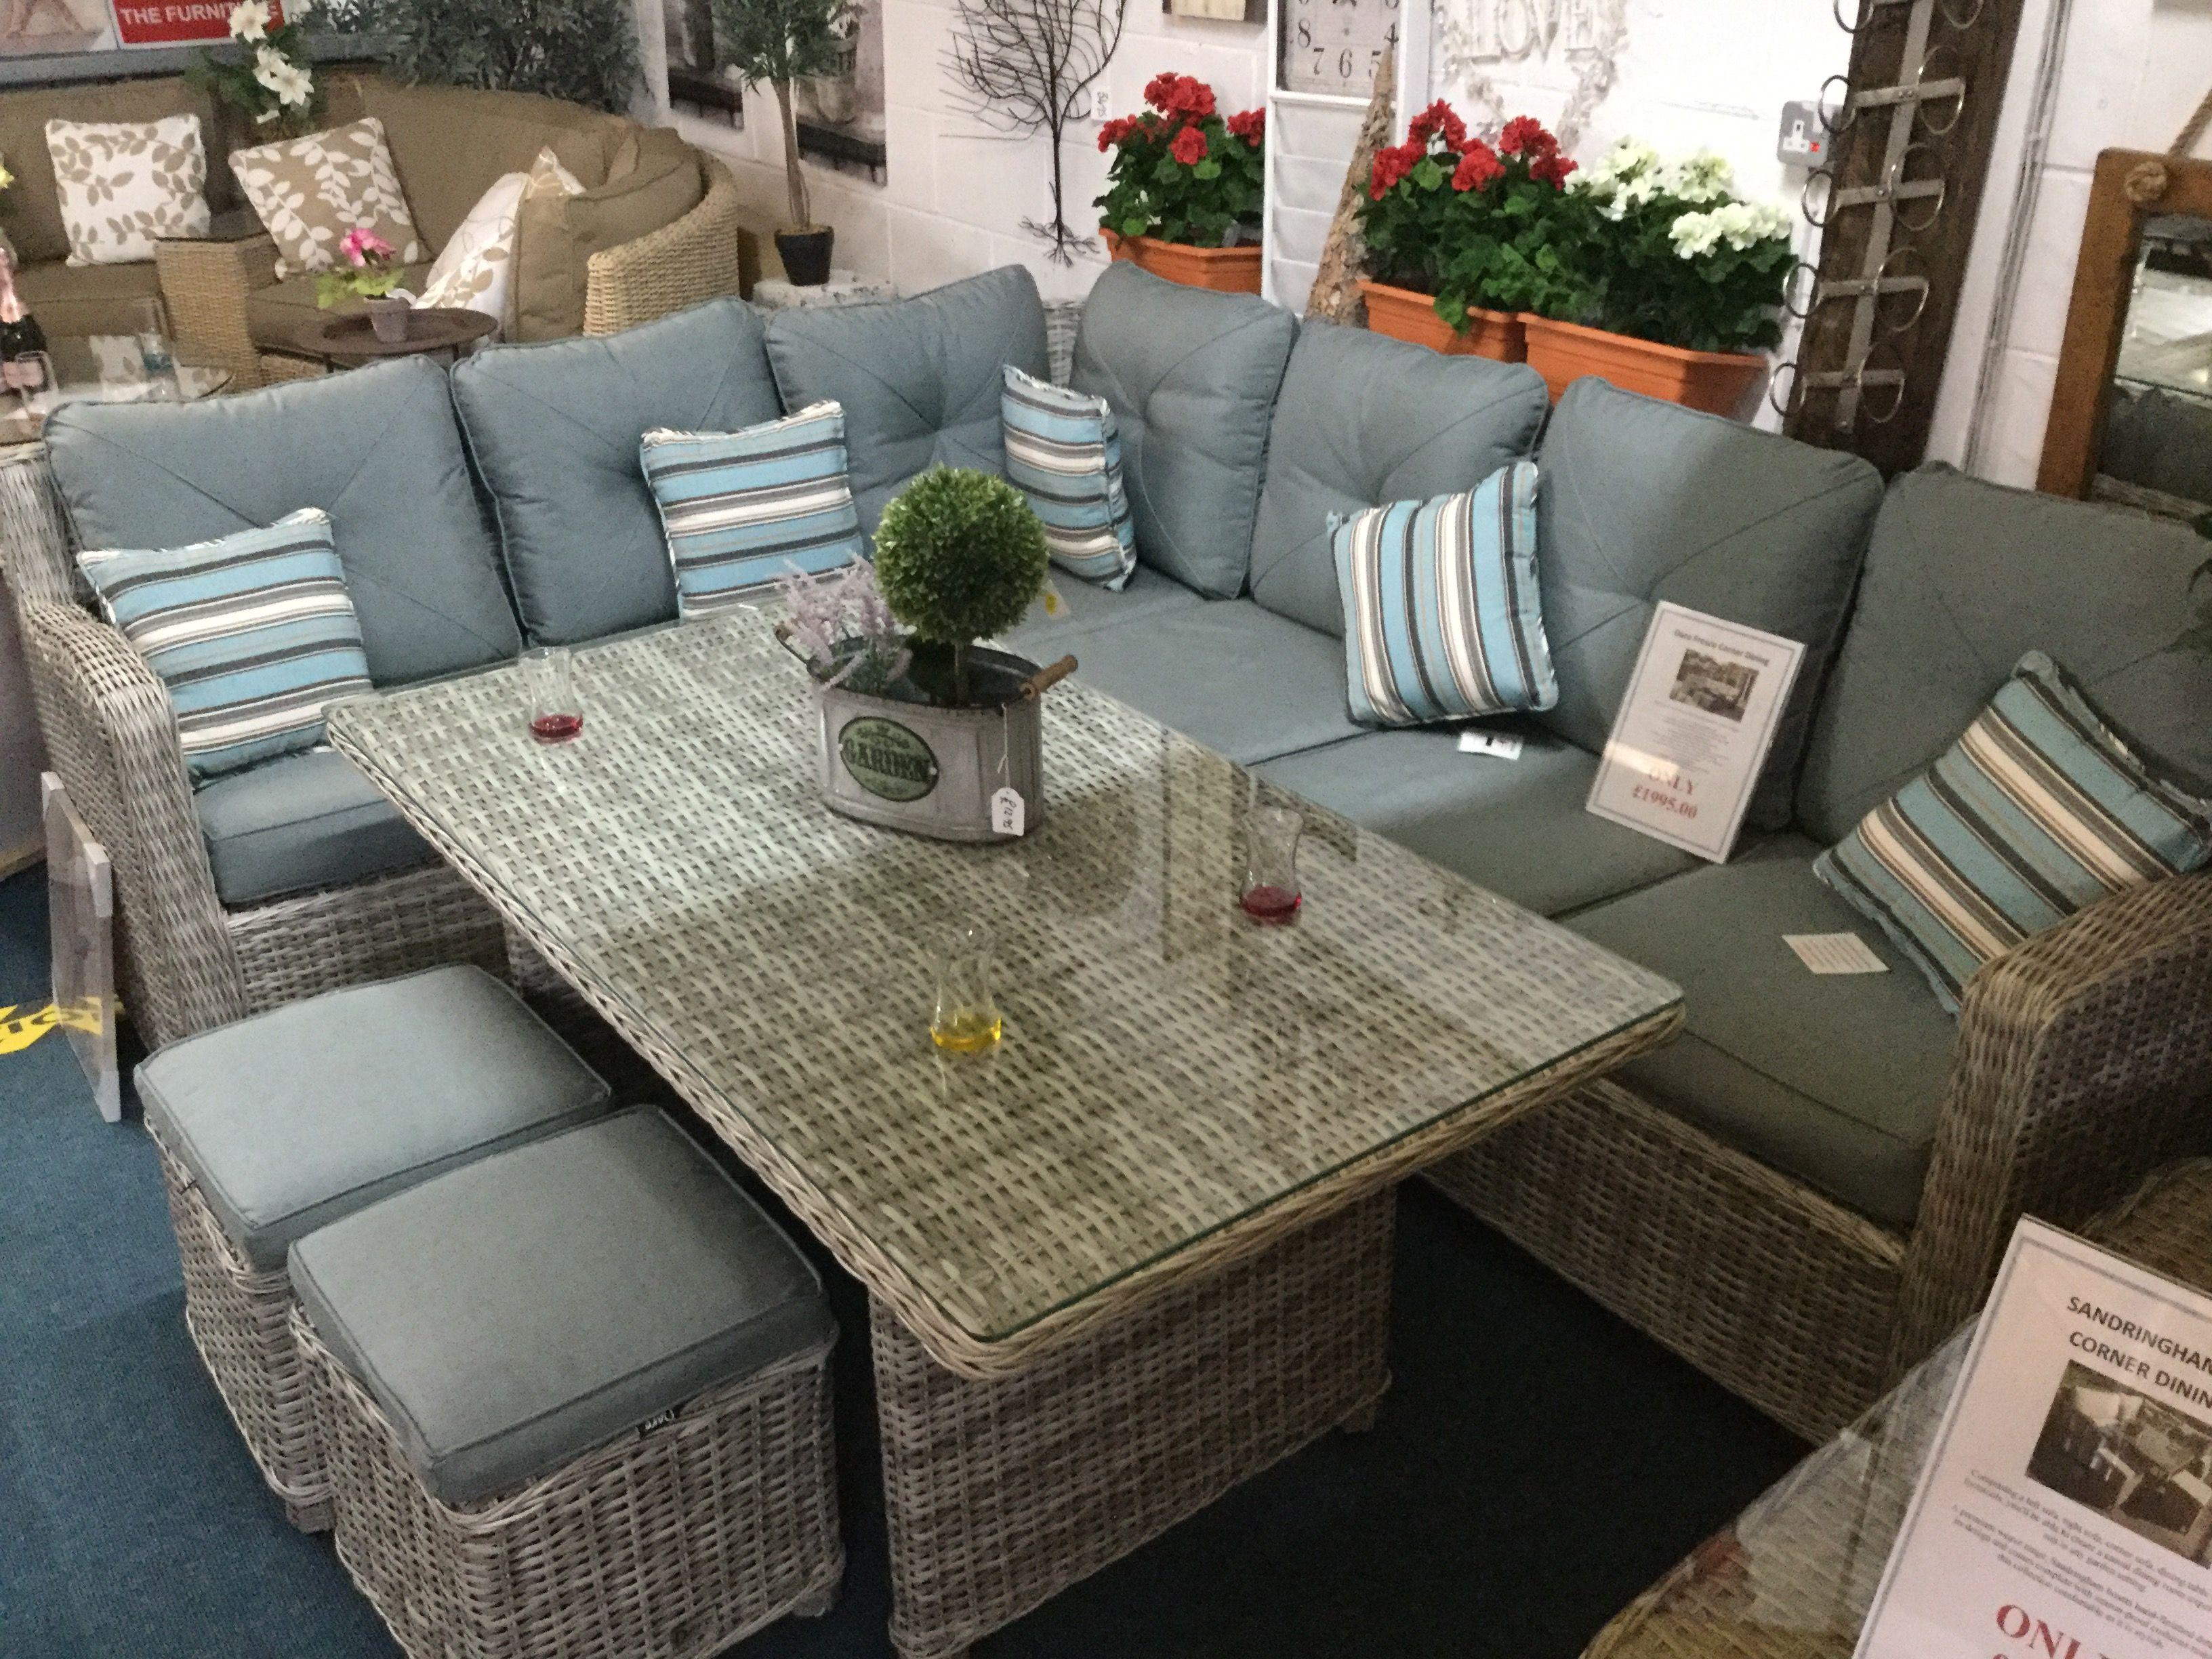 Sold by Indoor Outdoor UK Rattan RattanGardenFurniture